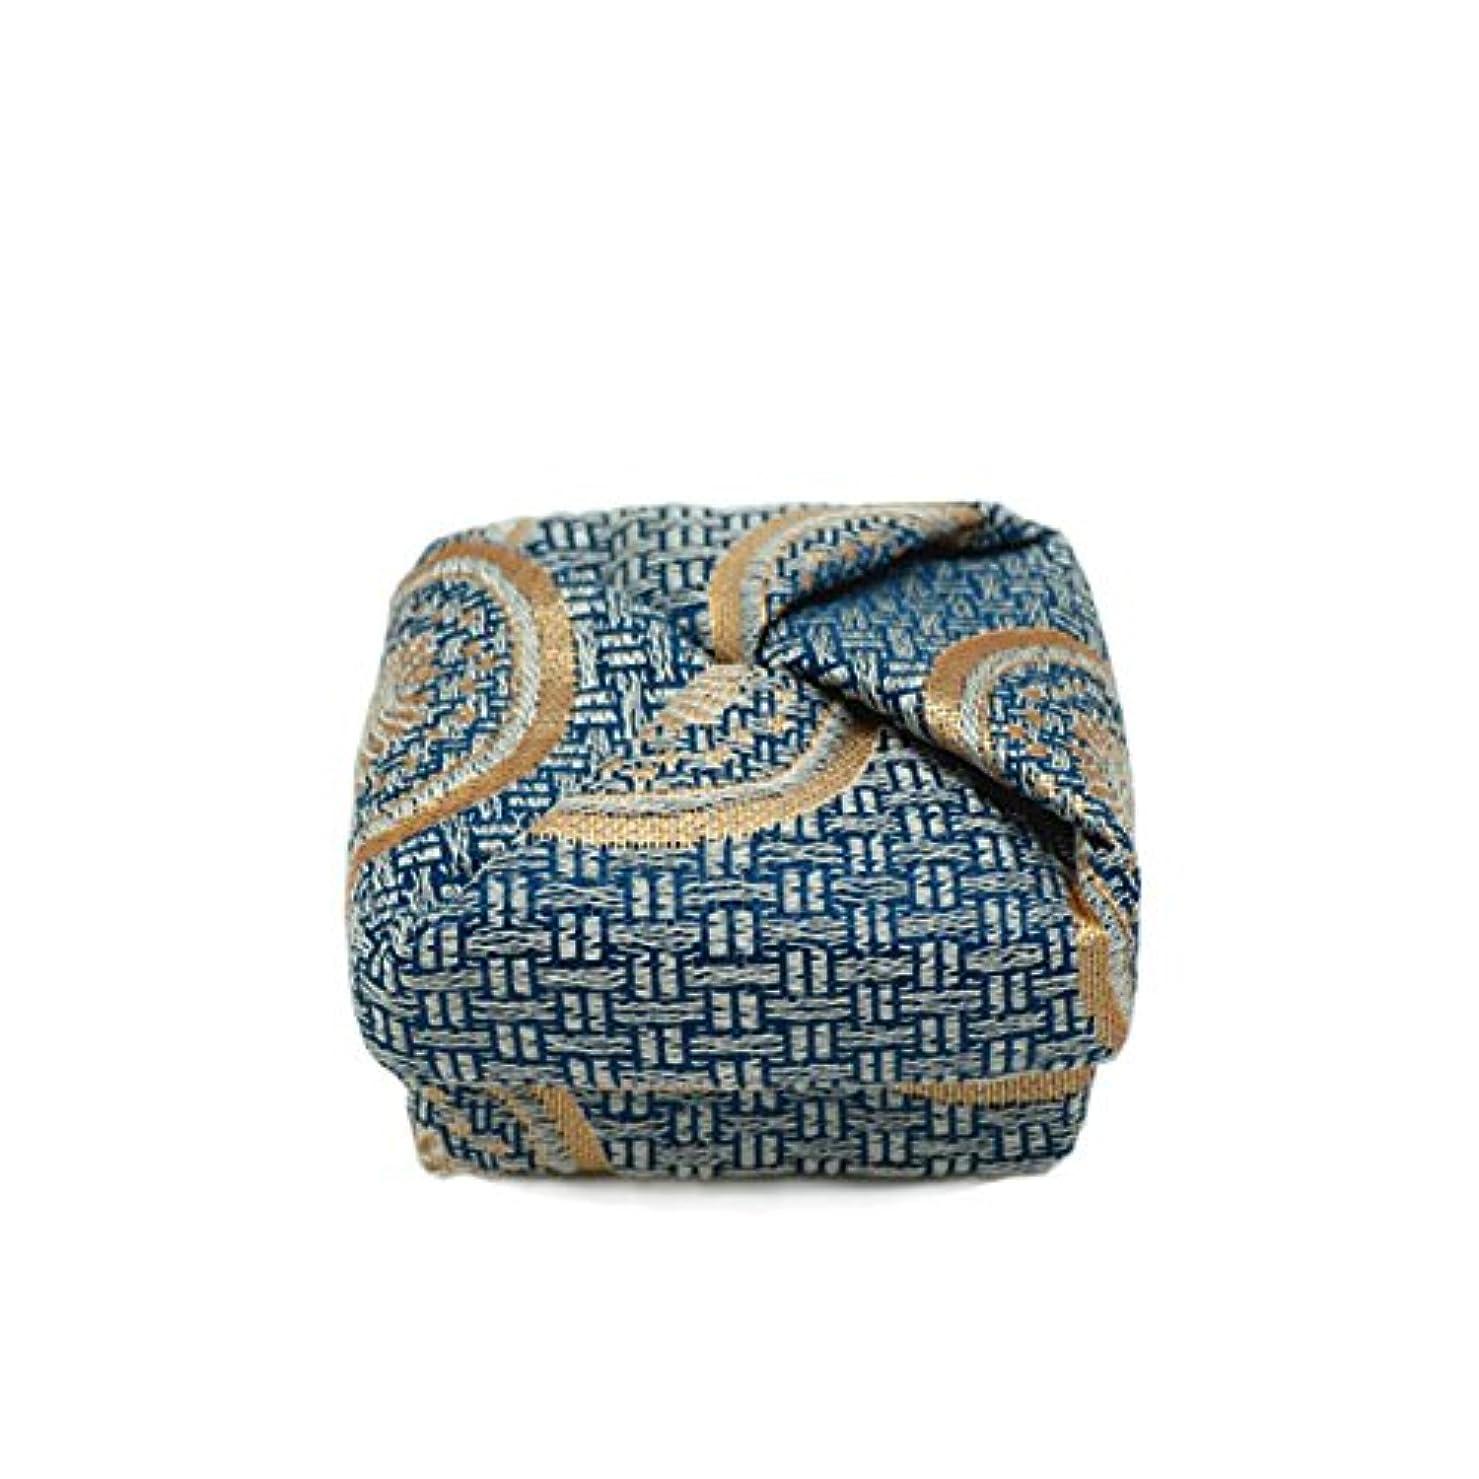 ブームできれば破滅的な布香合‐角‐ 紙箱入 糸屋輪宝手 紺